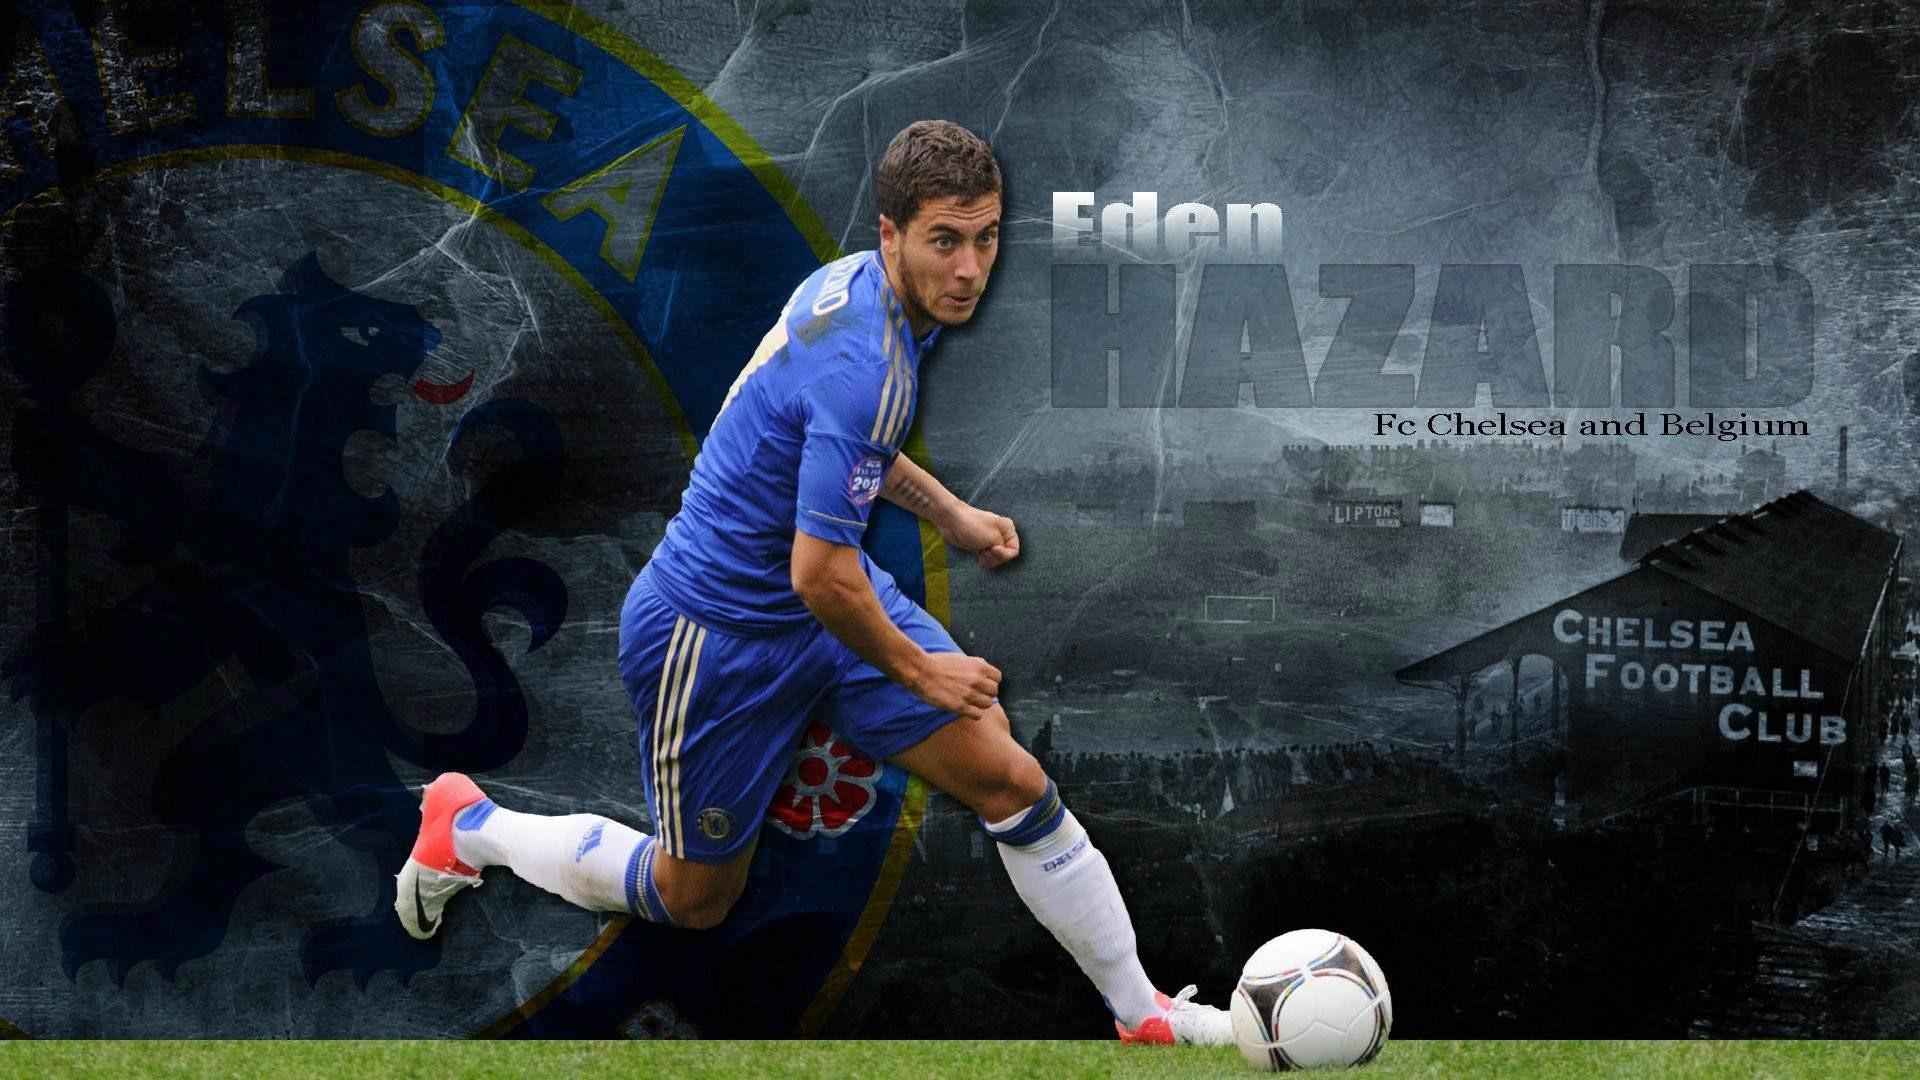 Eden Hazard Background Wallpaper